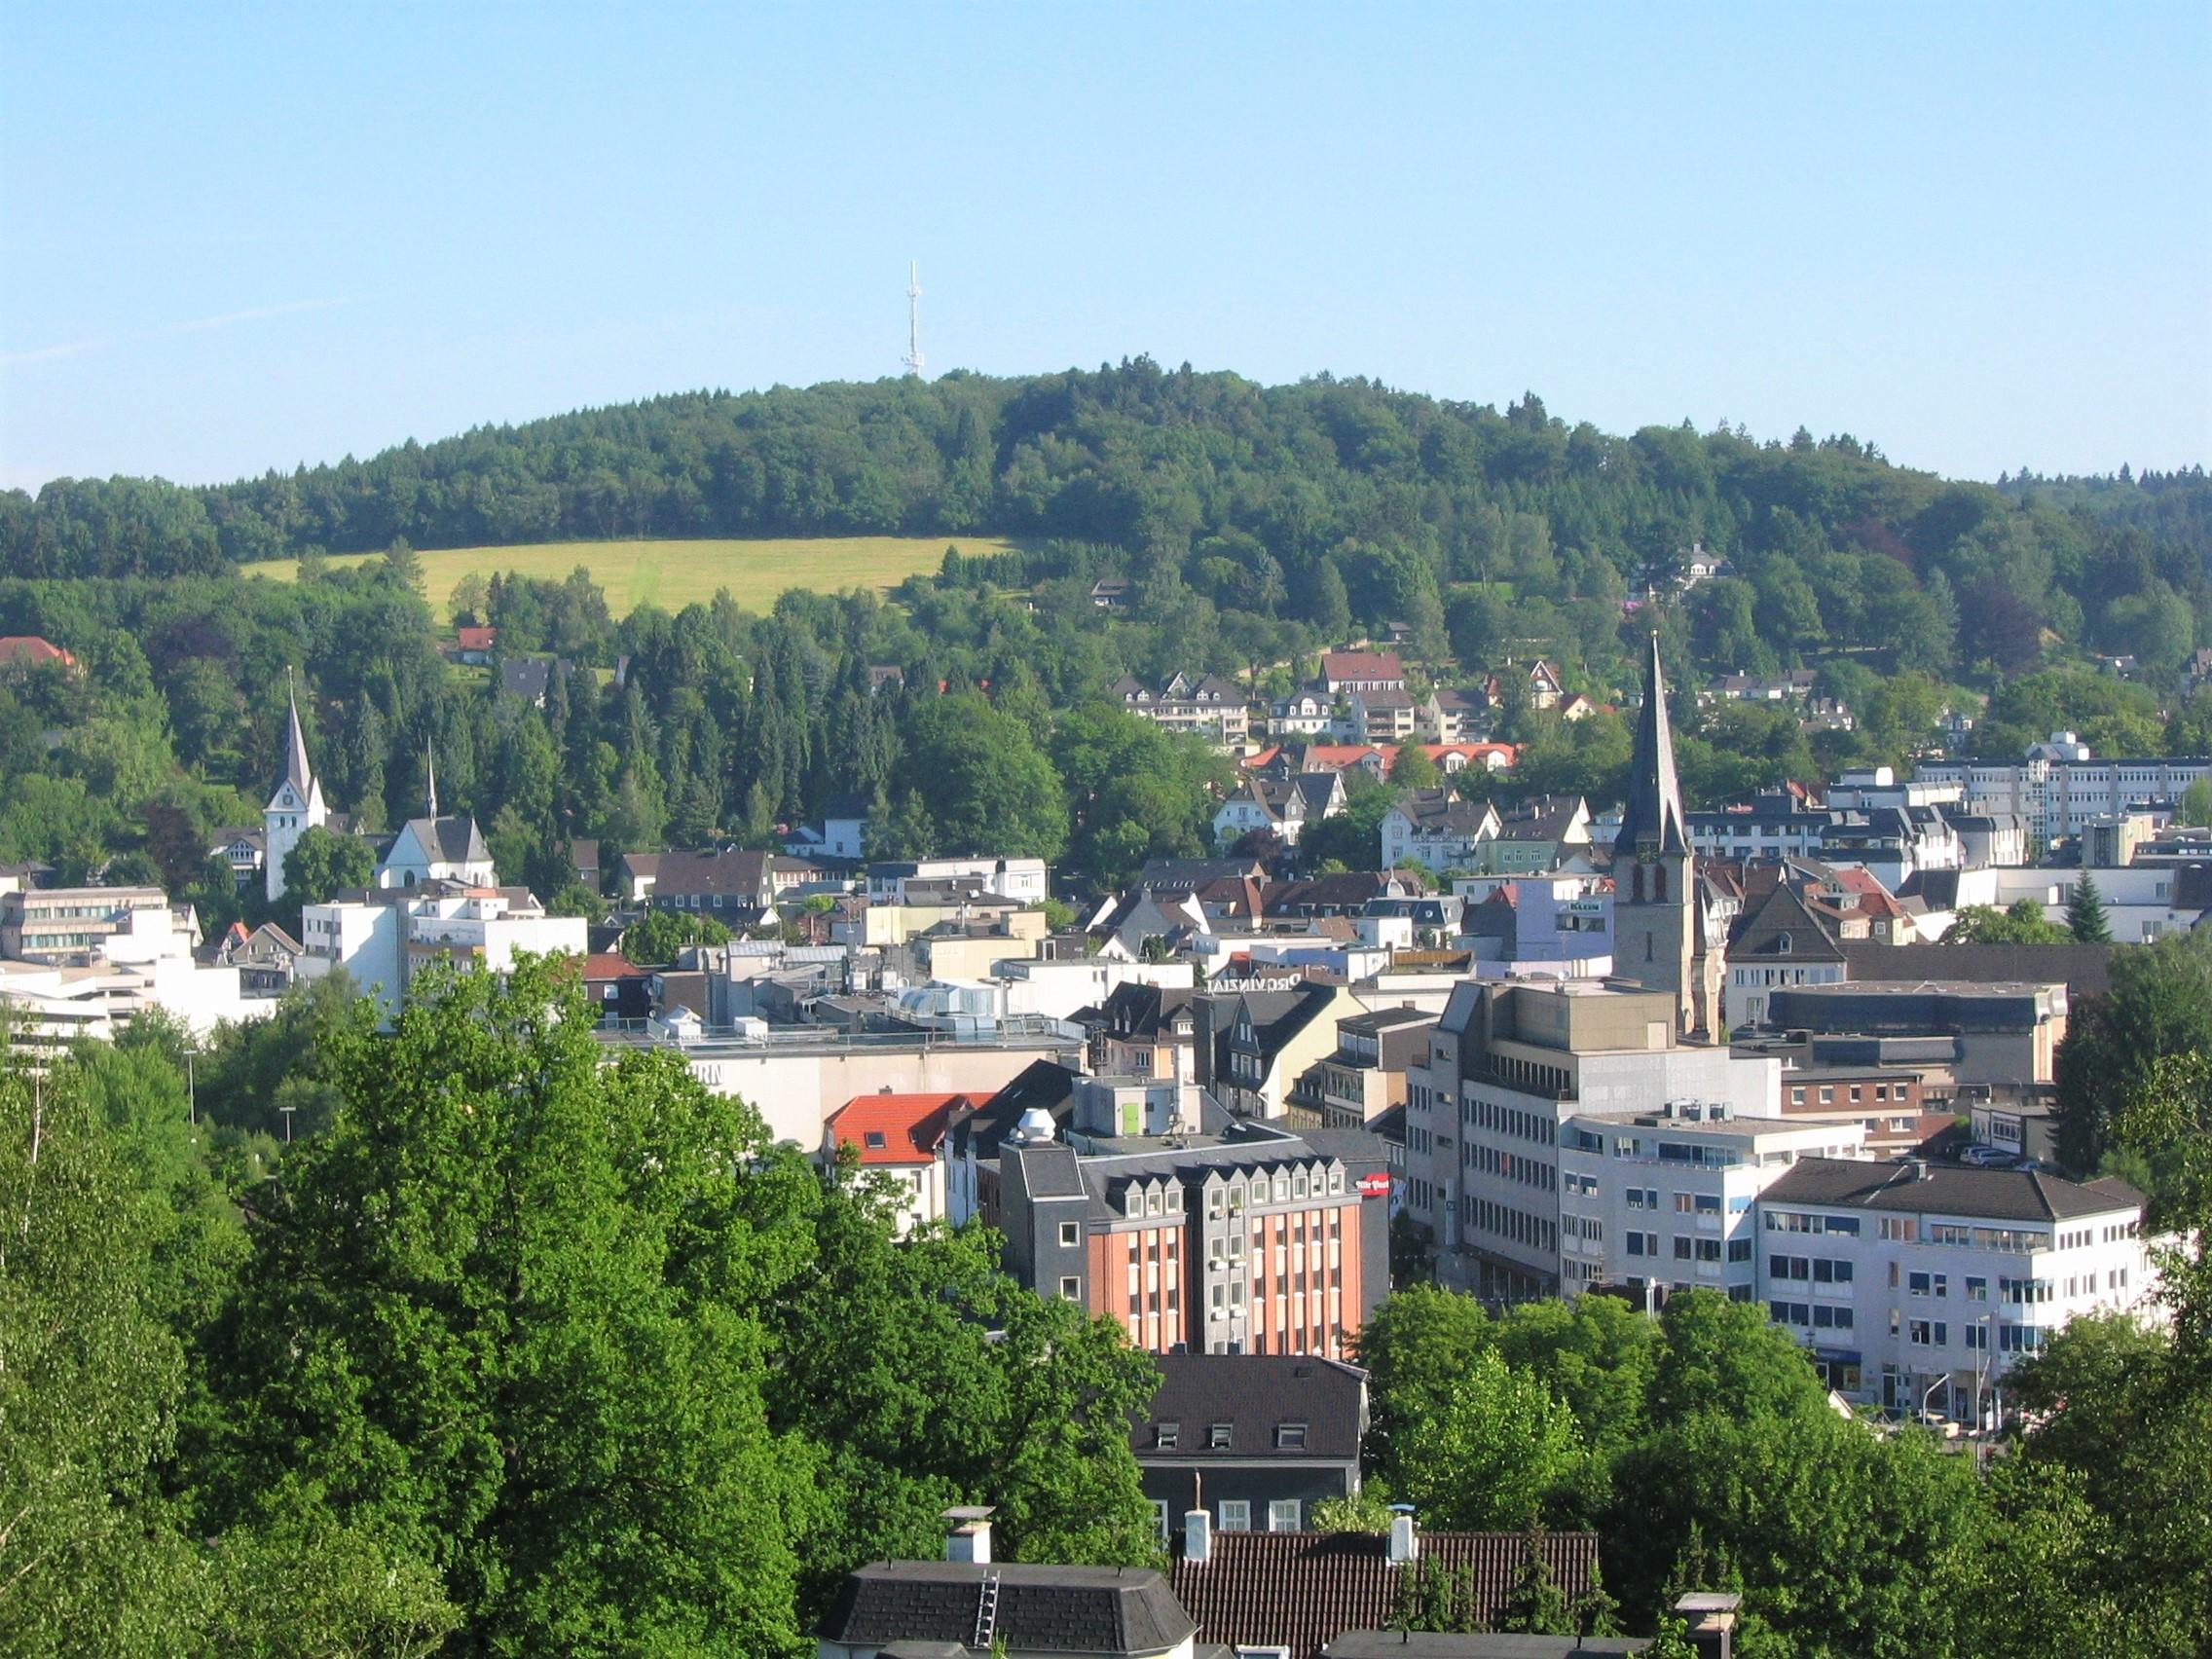 Blick auf die Gummersbacher Innenstadt von der Berstig